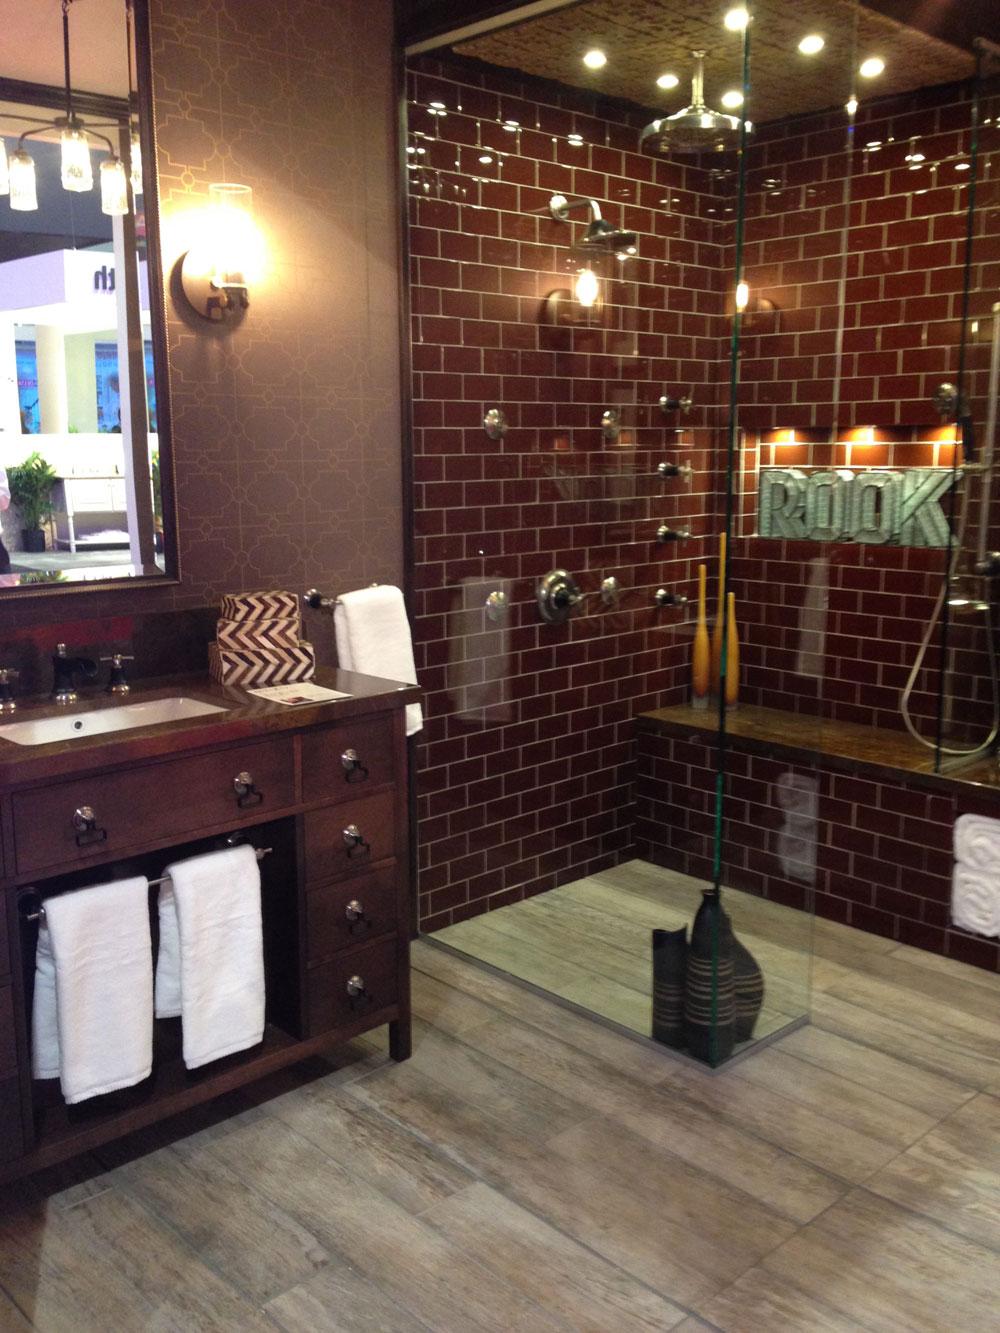 Nya badrumsinredningsidéer-10 Nya badrumsinredningsidéer